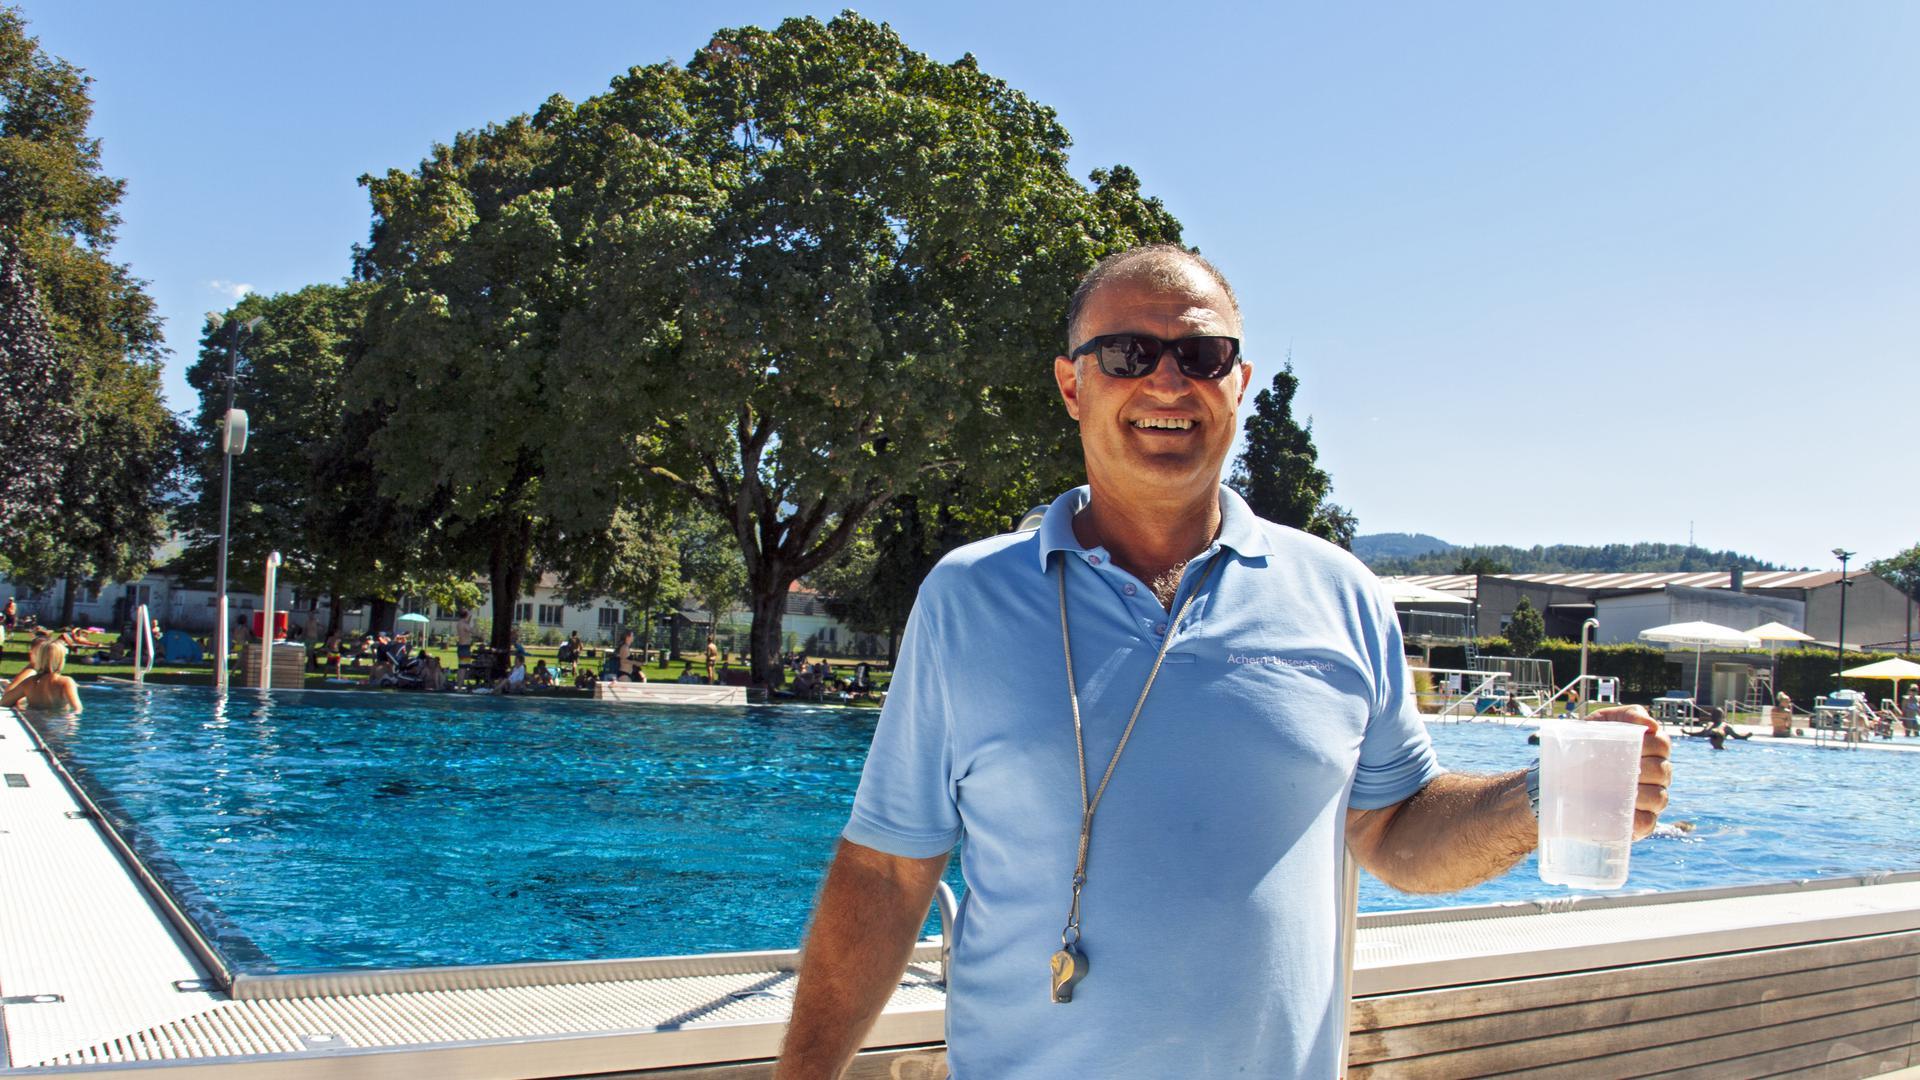 Thomas Lang zieht am Donnerstag, 20. August 2020, eine Wasserprobe aus dem Schwimmerbecken im Acherner Freibad. Als Bademeister setzt er auch die geltenden Corona-Hygienemaßnahmen um und achtet auf den nötigen Abstand im und um das kühle Nass.